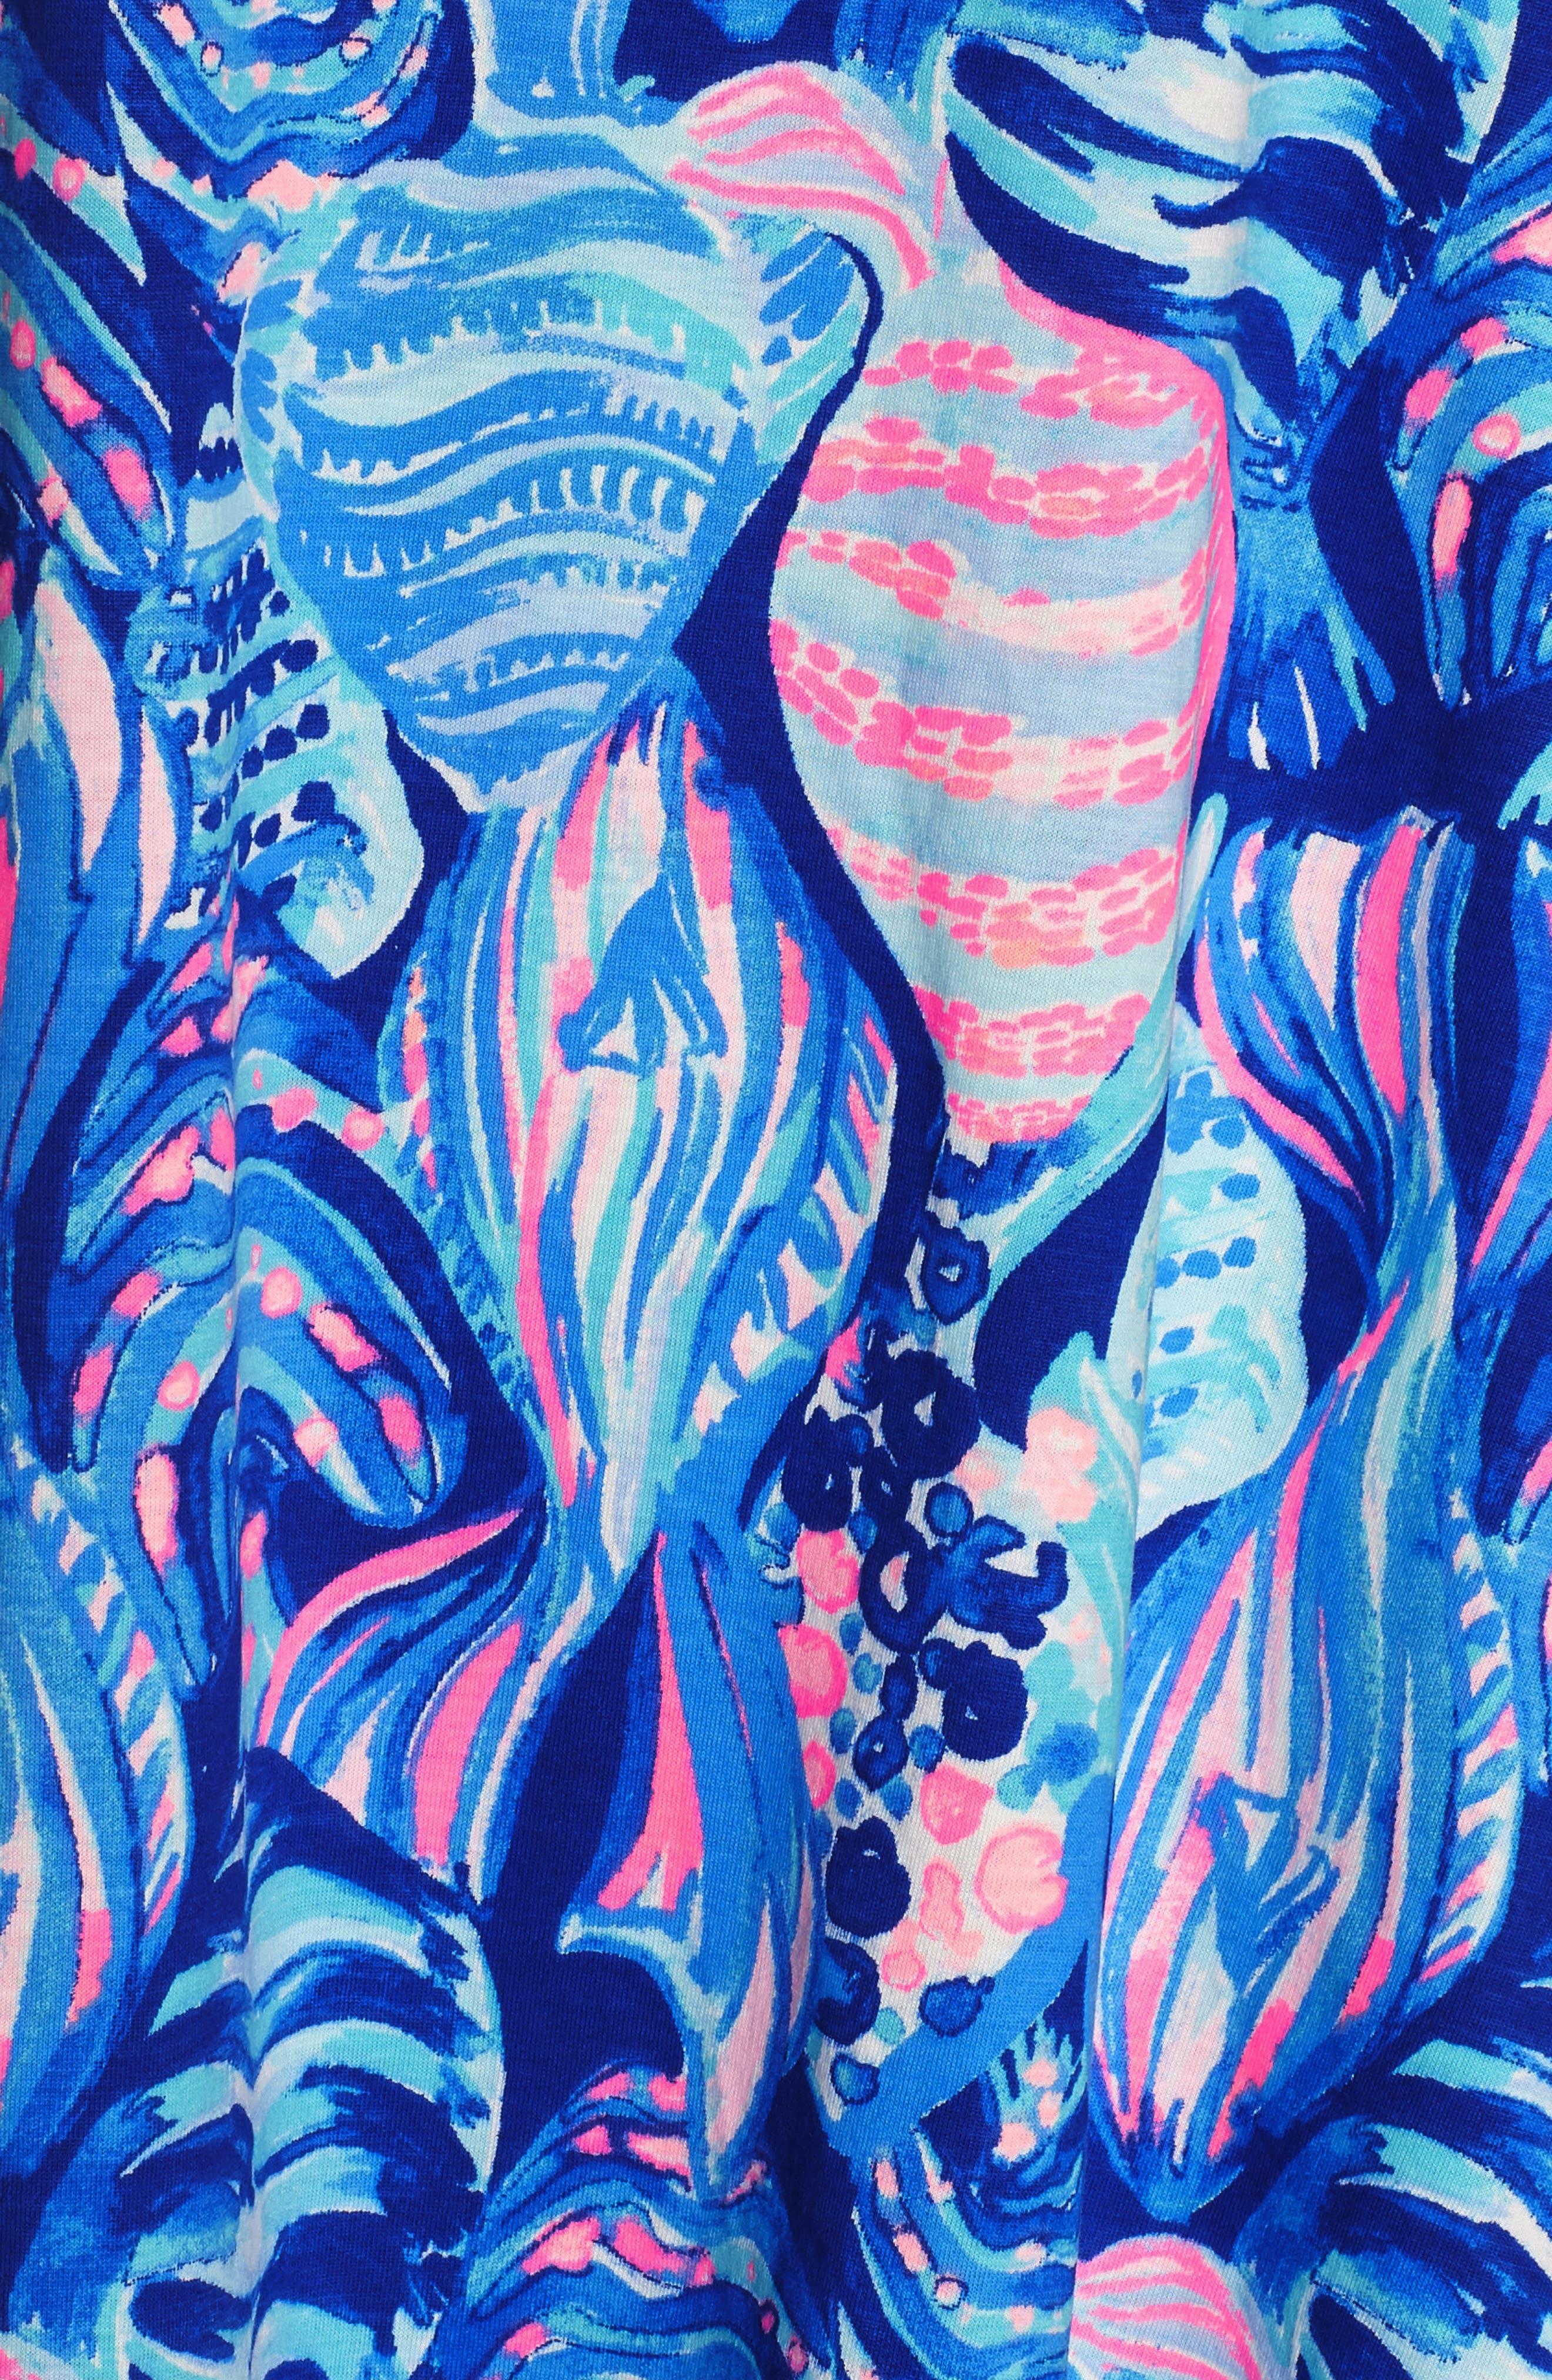 Kristen Shift Dress,                             Alternate thumbnail 6, color,                             403